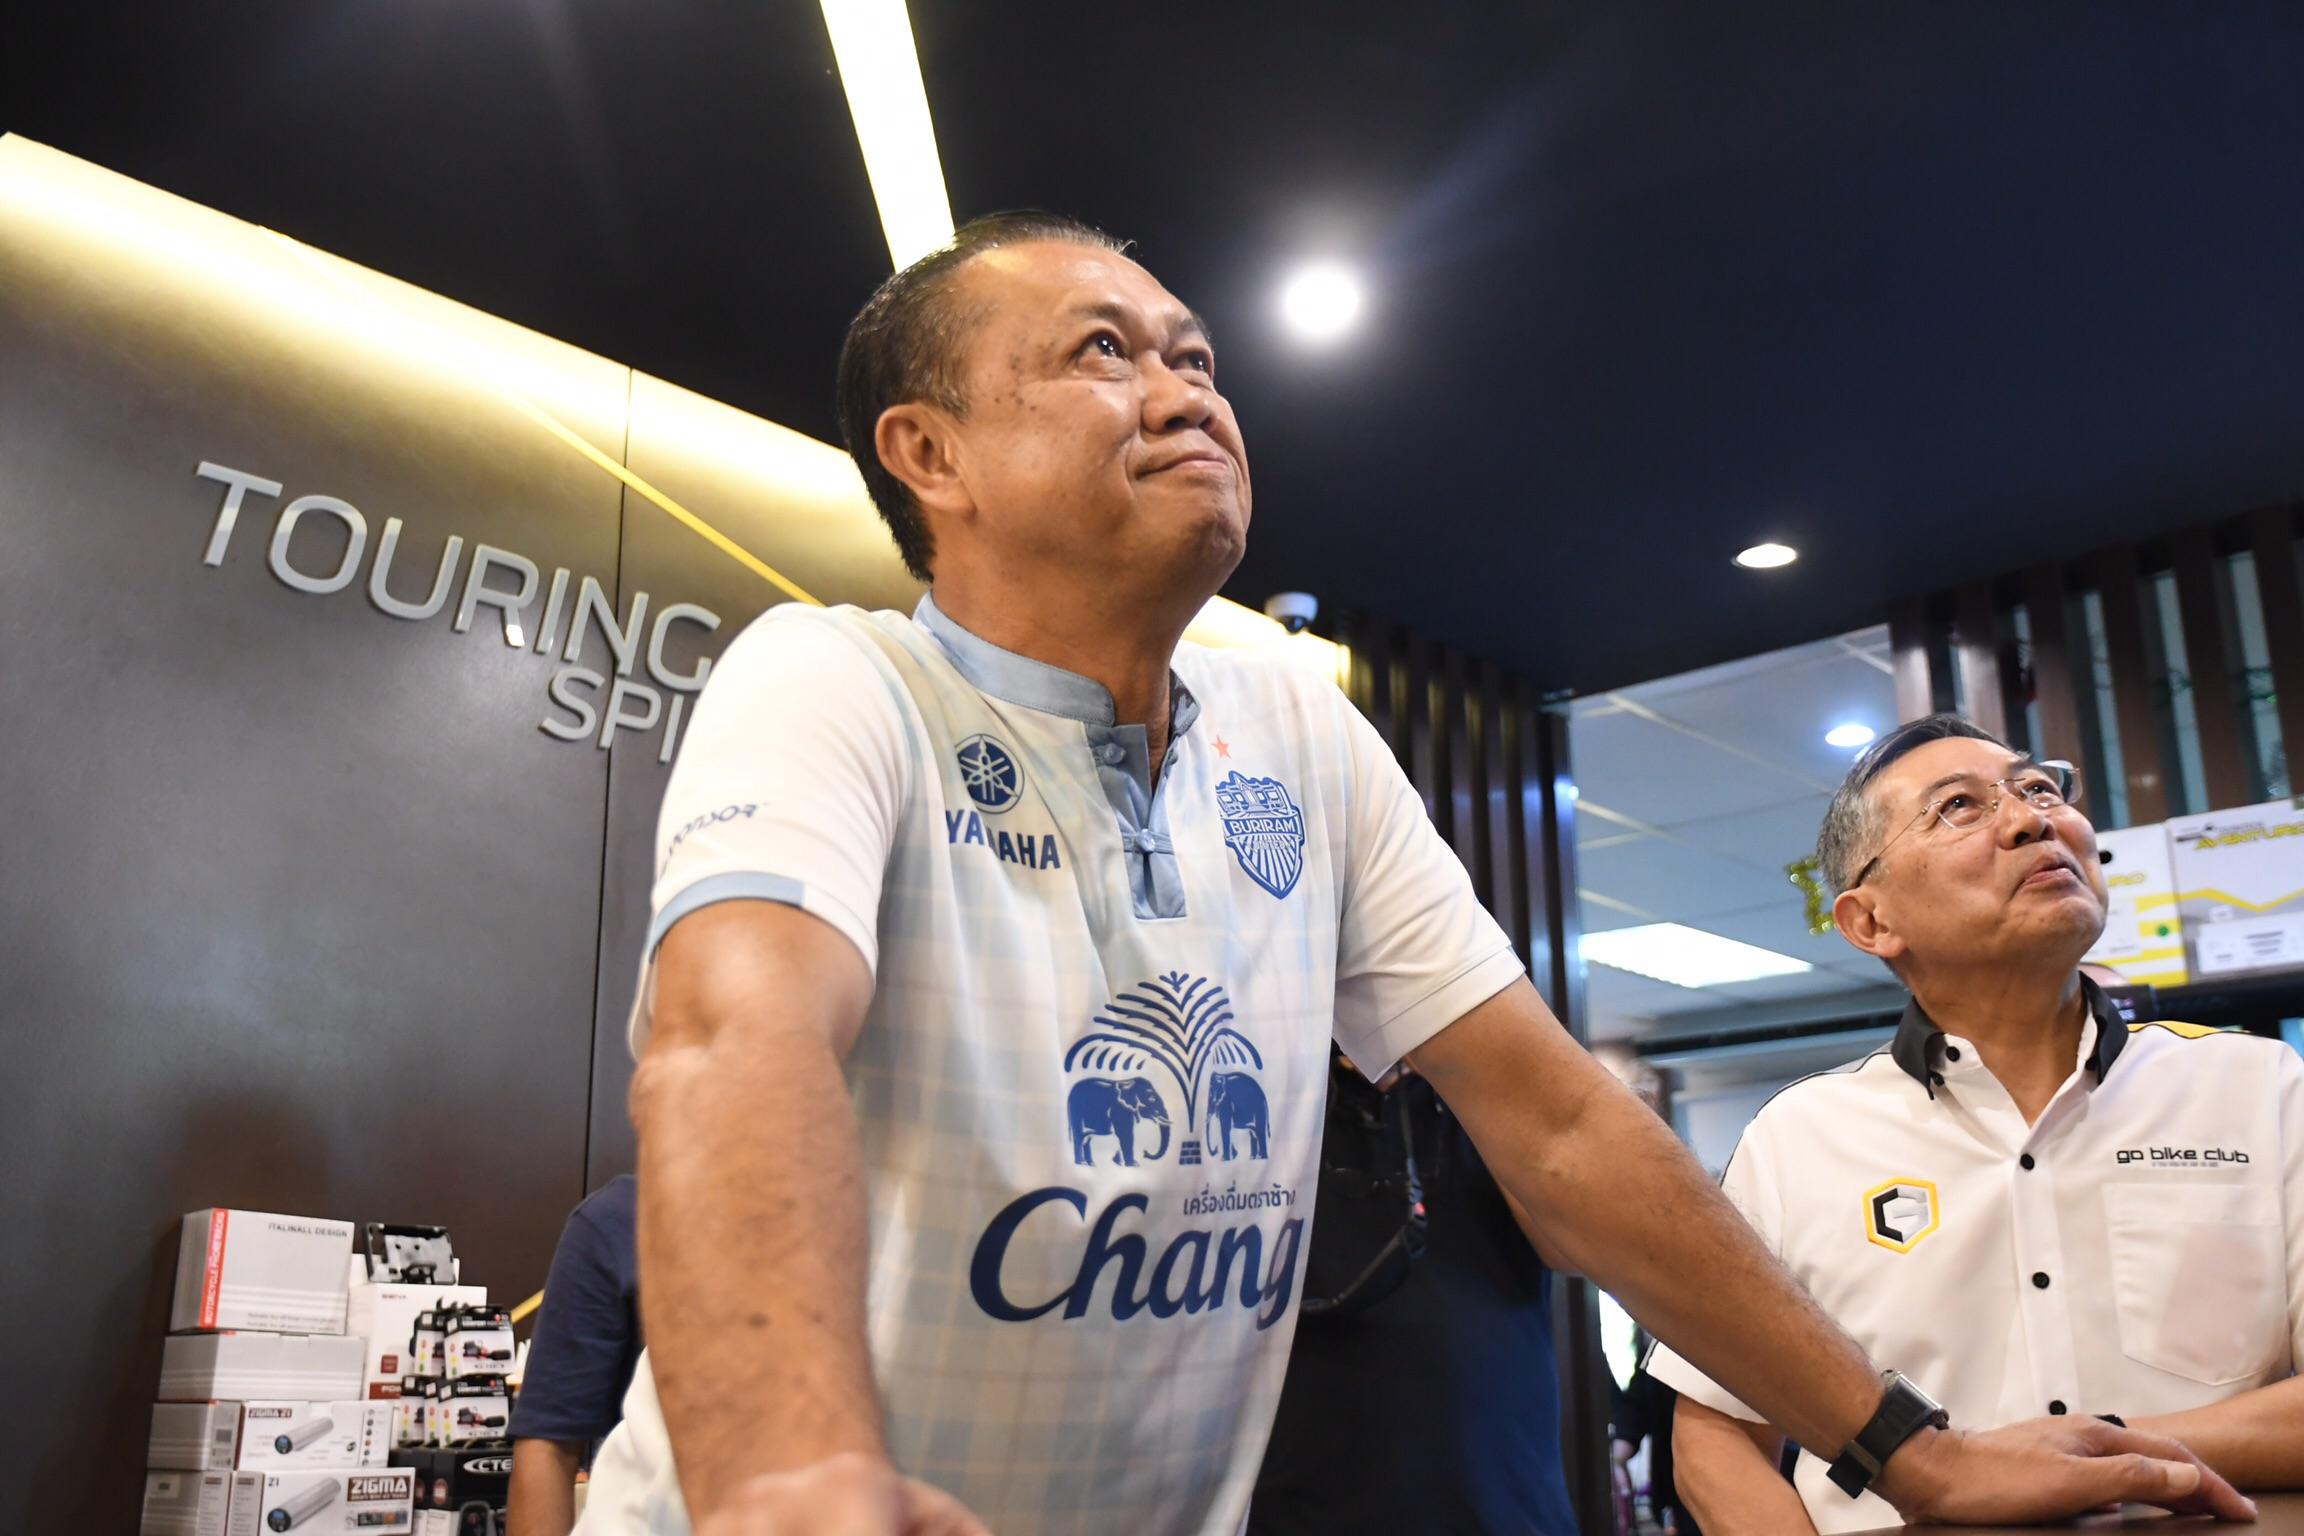 ทีมชาติจีน ทีมชาติไทย บุรีรัมย์ ยูไนเต็ด มิโลวาน ราเยวัช เนวิน ชิดชอบ เอเชียนคัพ 2019